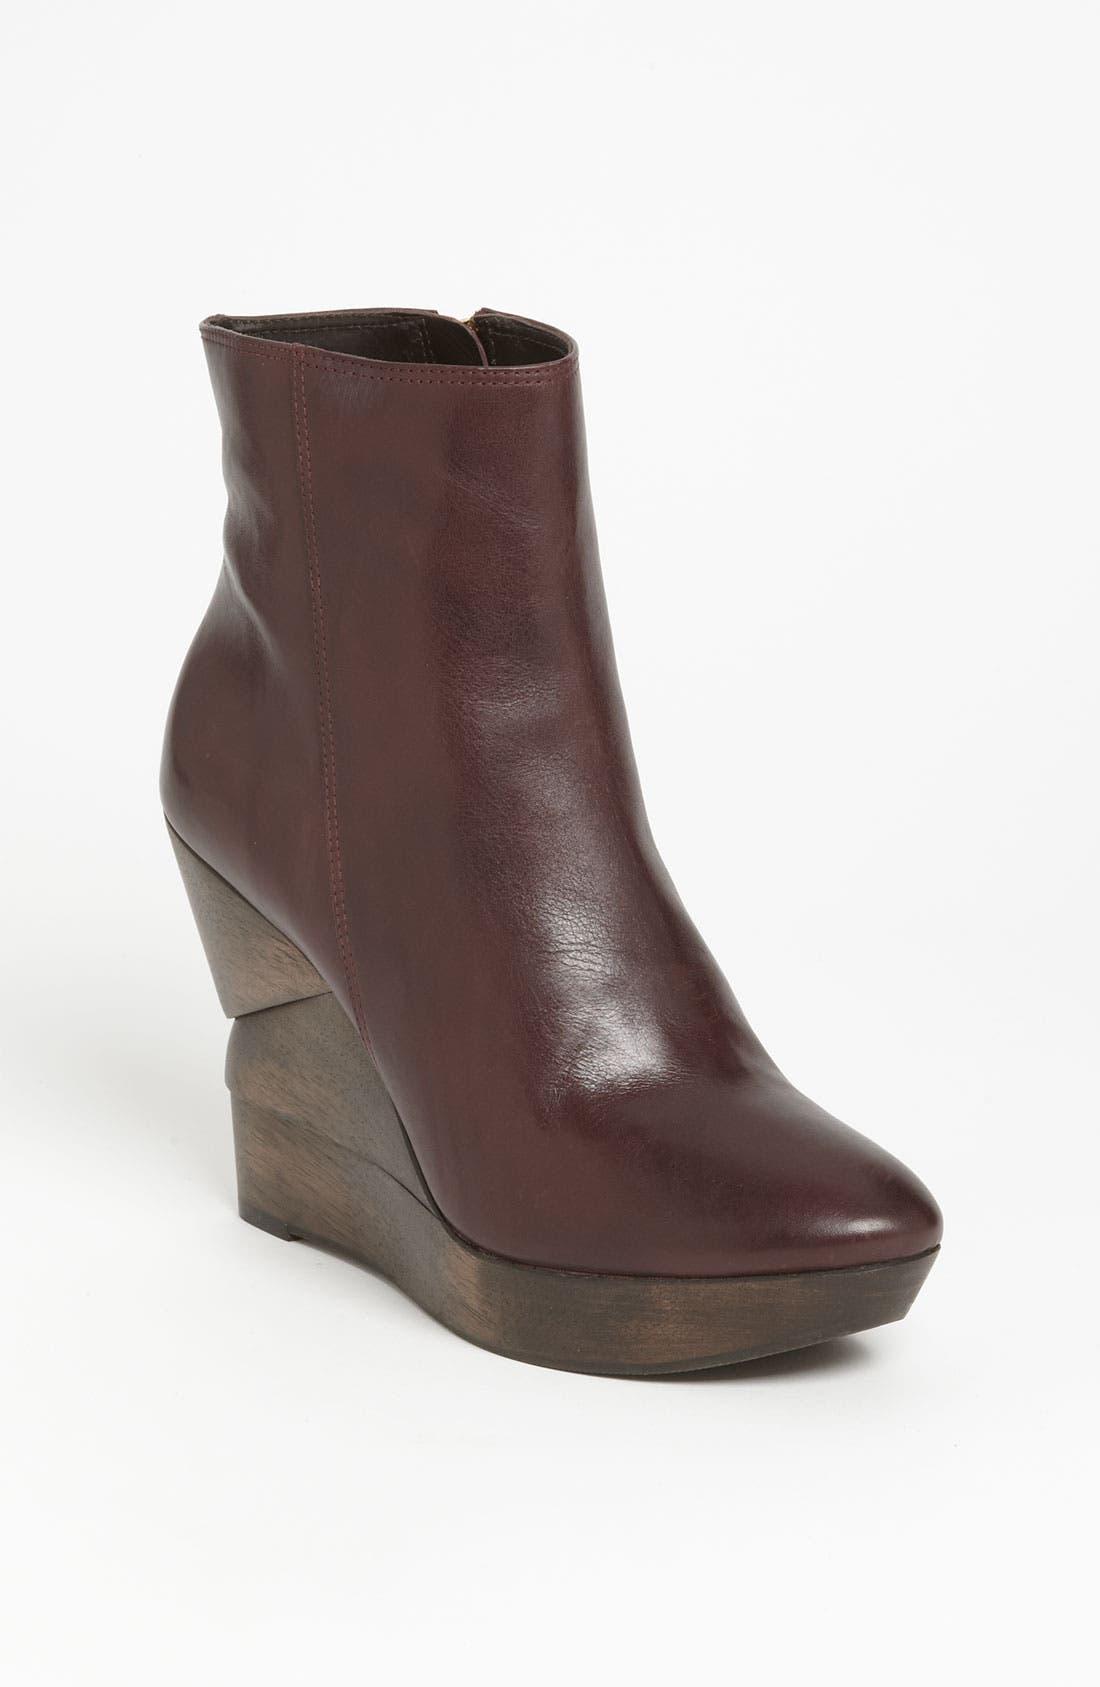 Alternate Image 1 Selected - Diane von Furstenberg 'Opalista' Boot